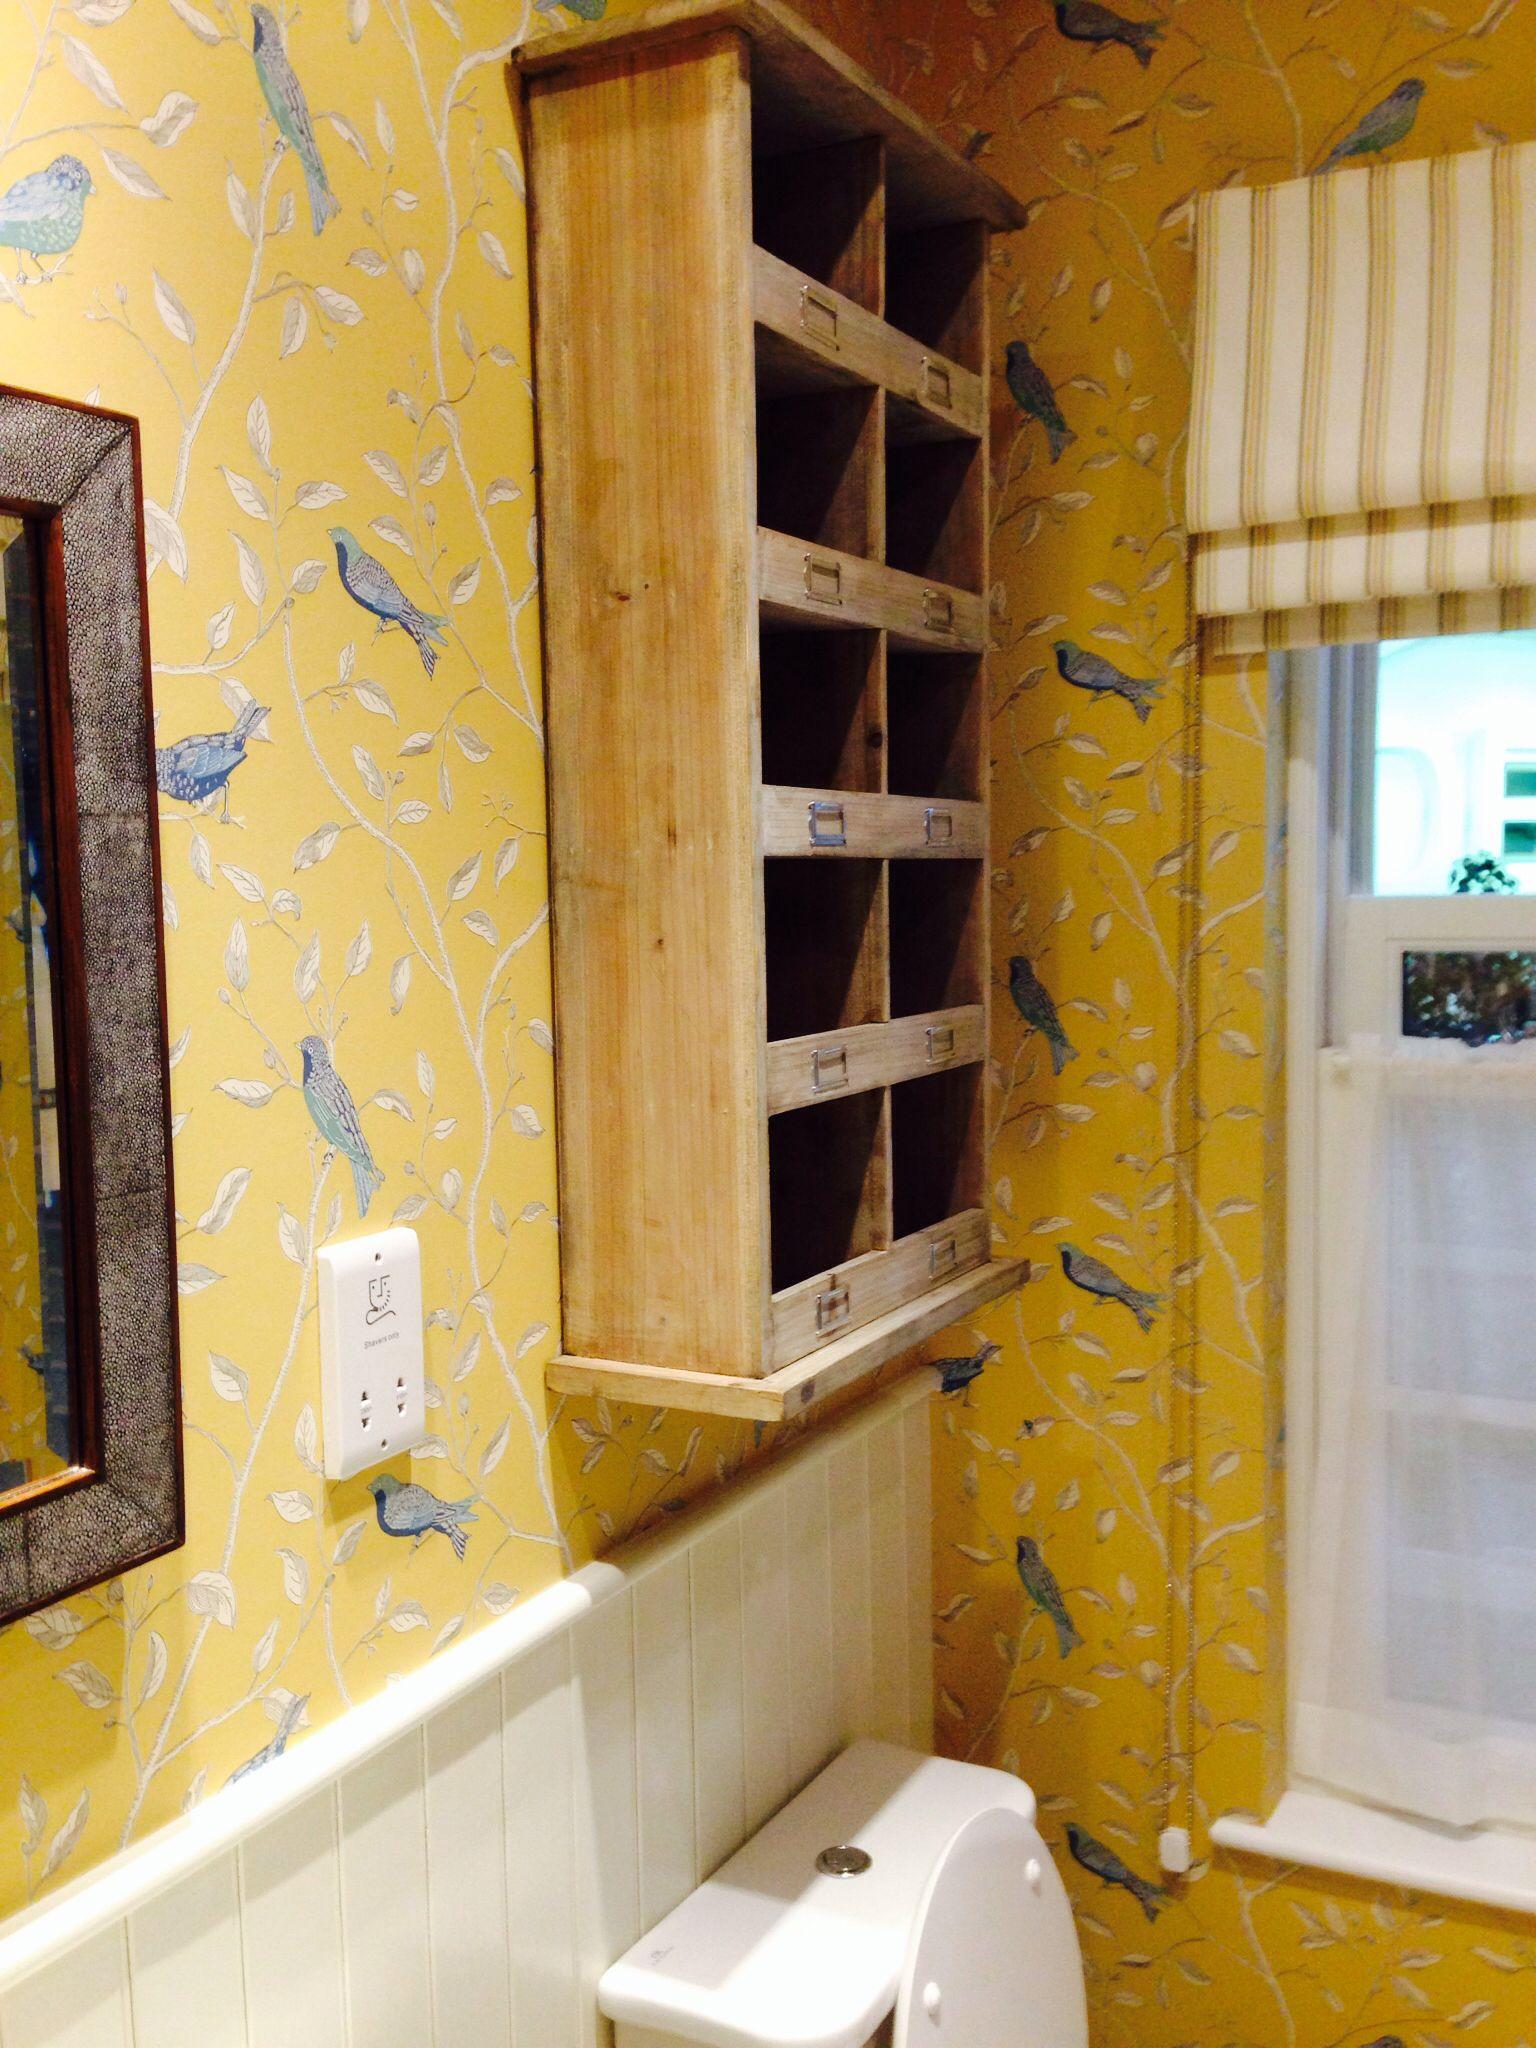 Bathroom shelving idea | The House | Pinterest | Shelving ideas and ...